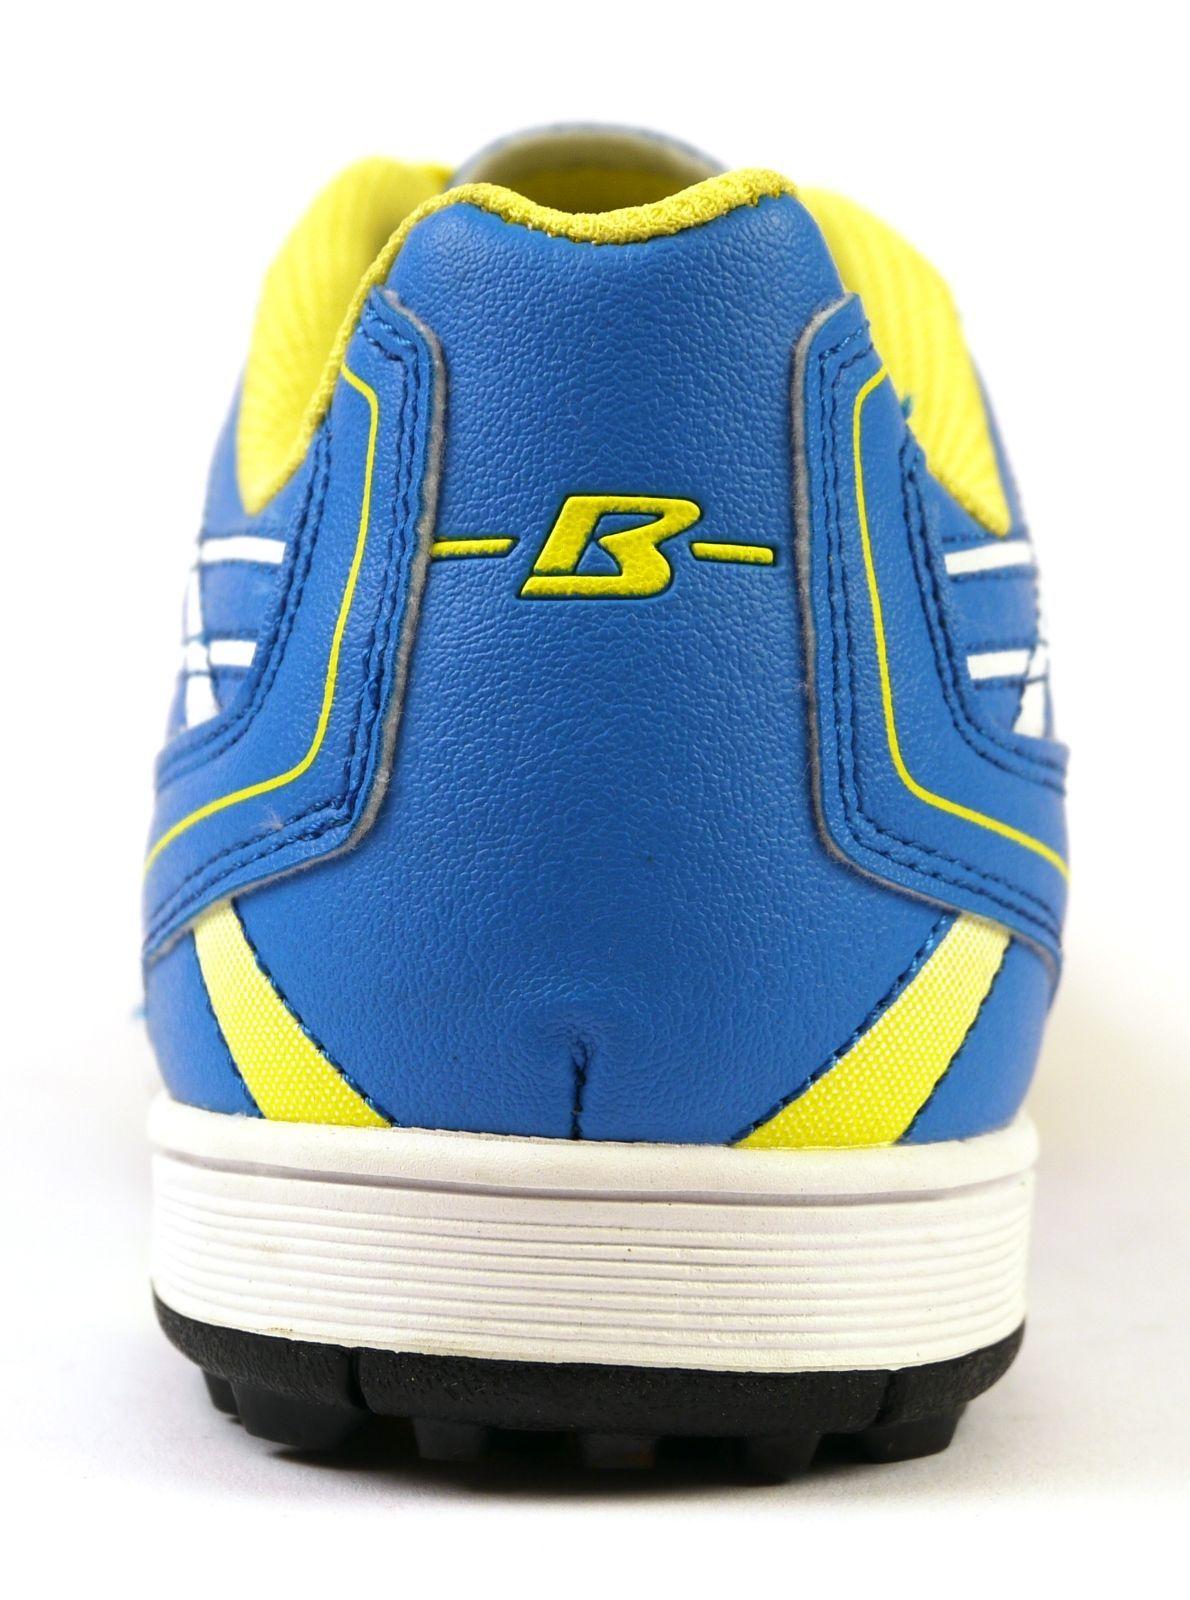 Pin von Horst Roosen auf Sportluxustreter | Sports, Sneakers